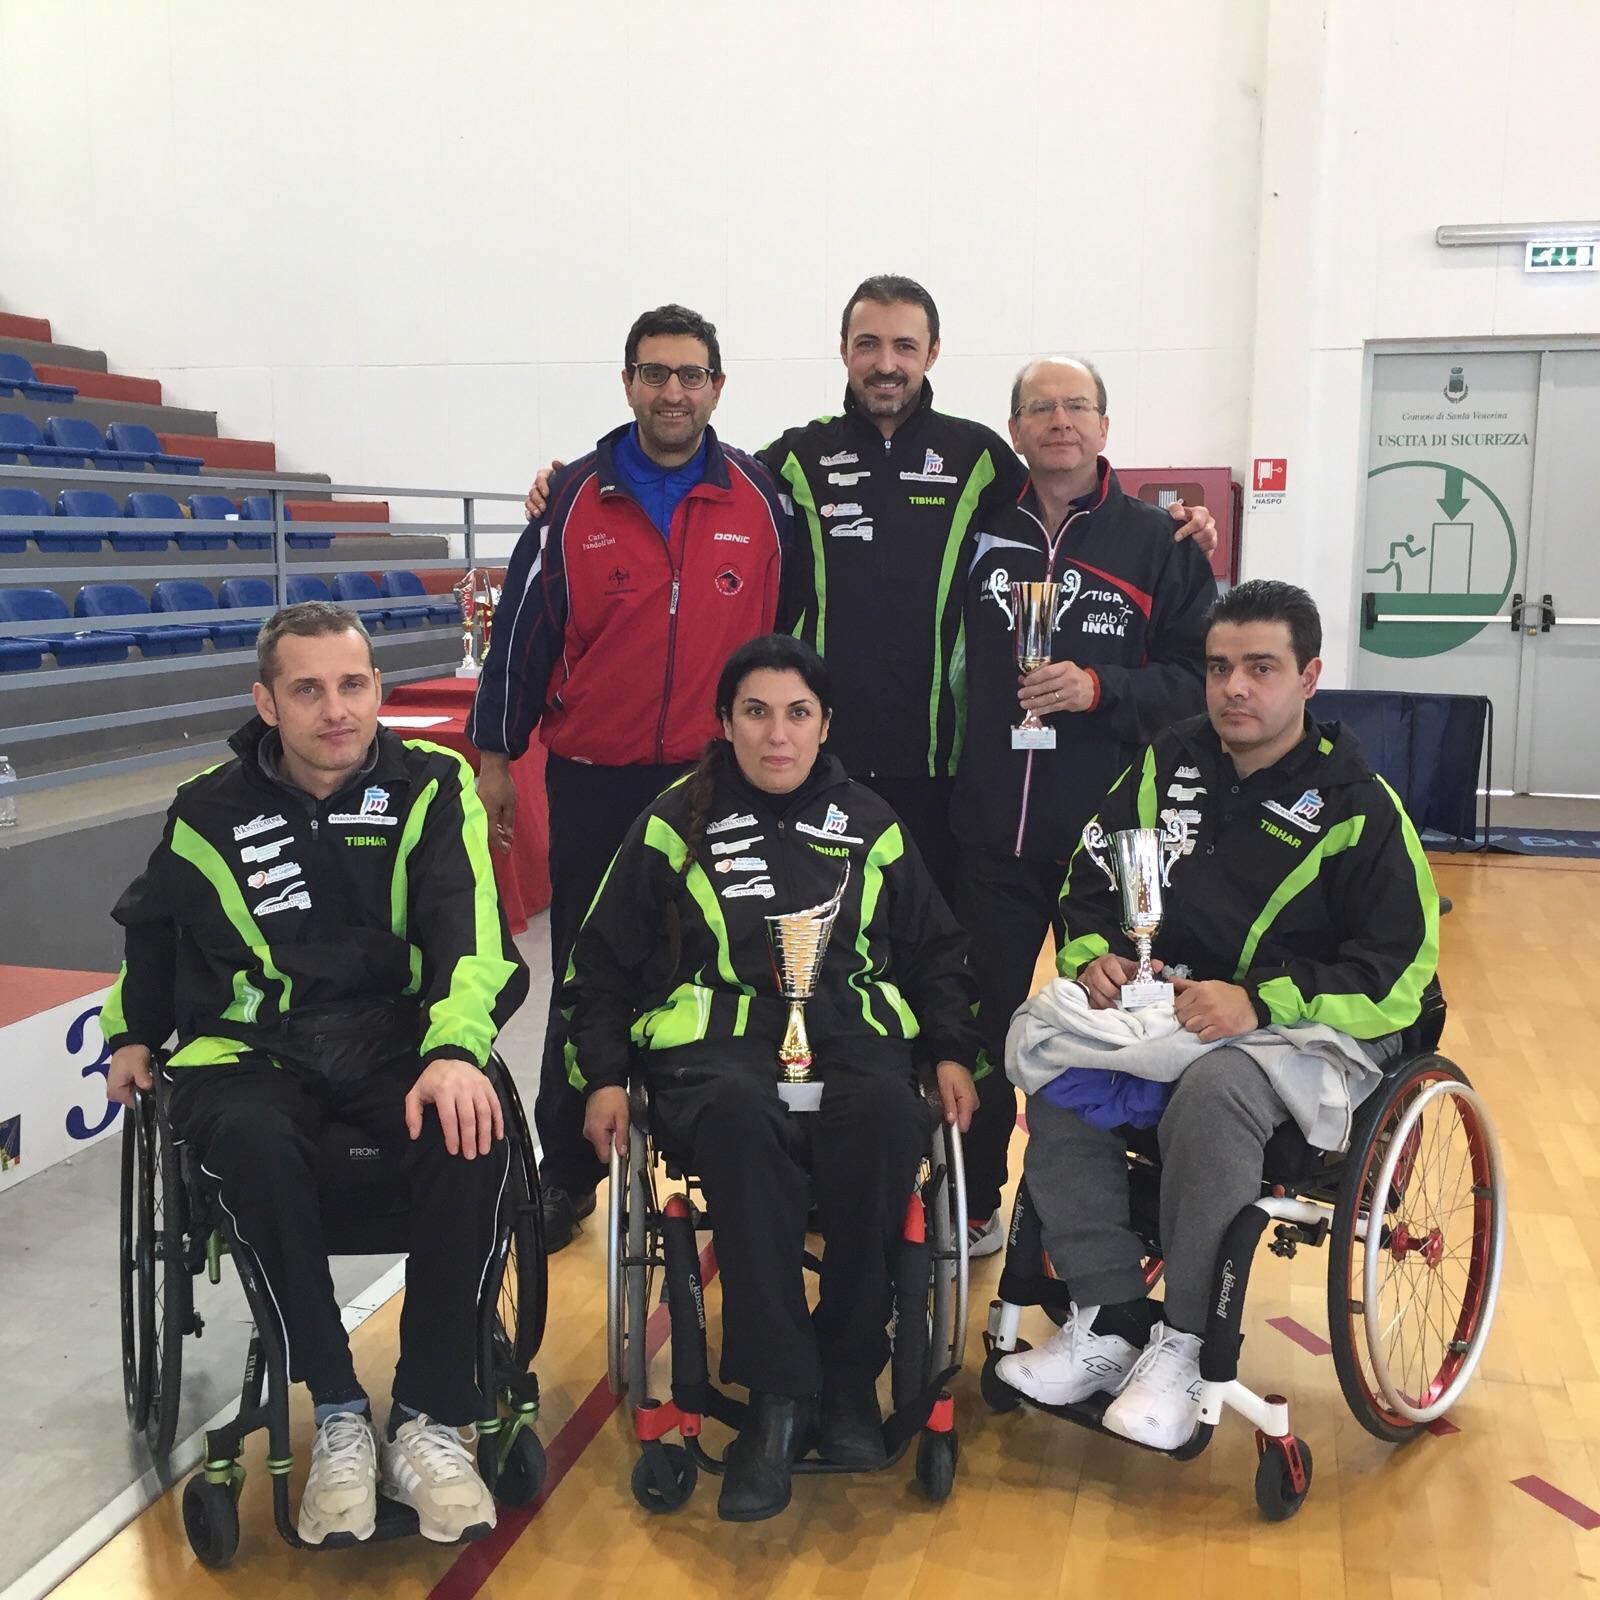 Torneo Nazionale Paralimpico in Sicilia : buona prova di Lo Sport è Vita Montecatone